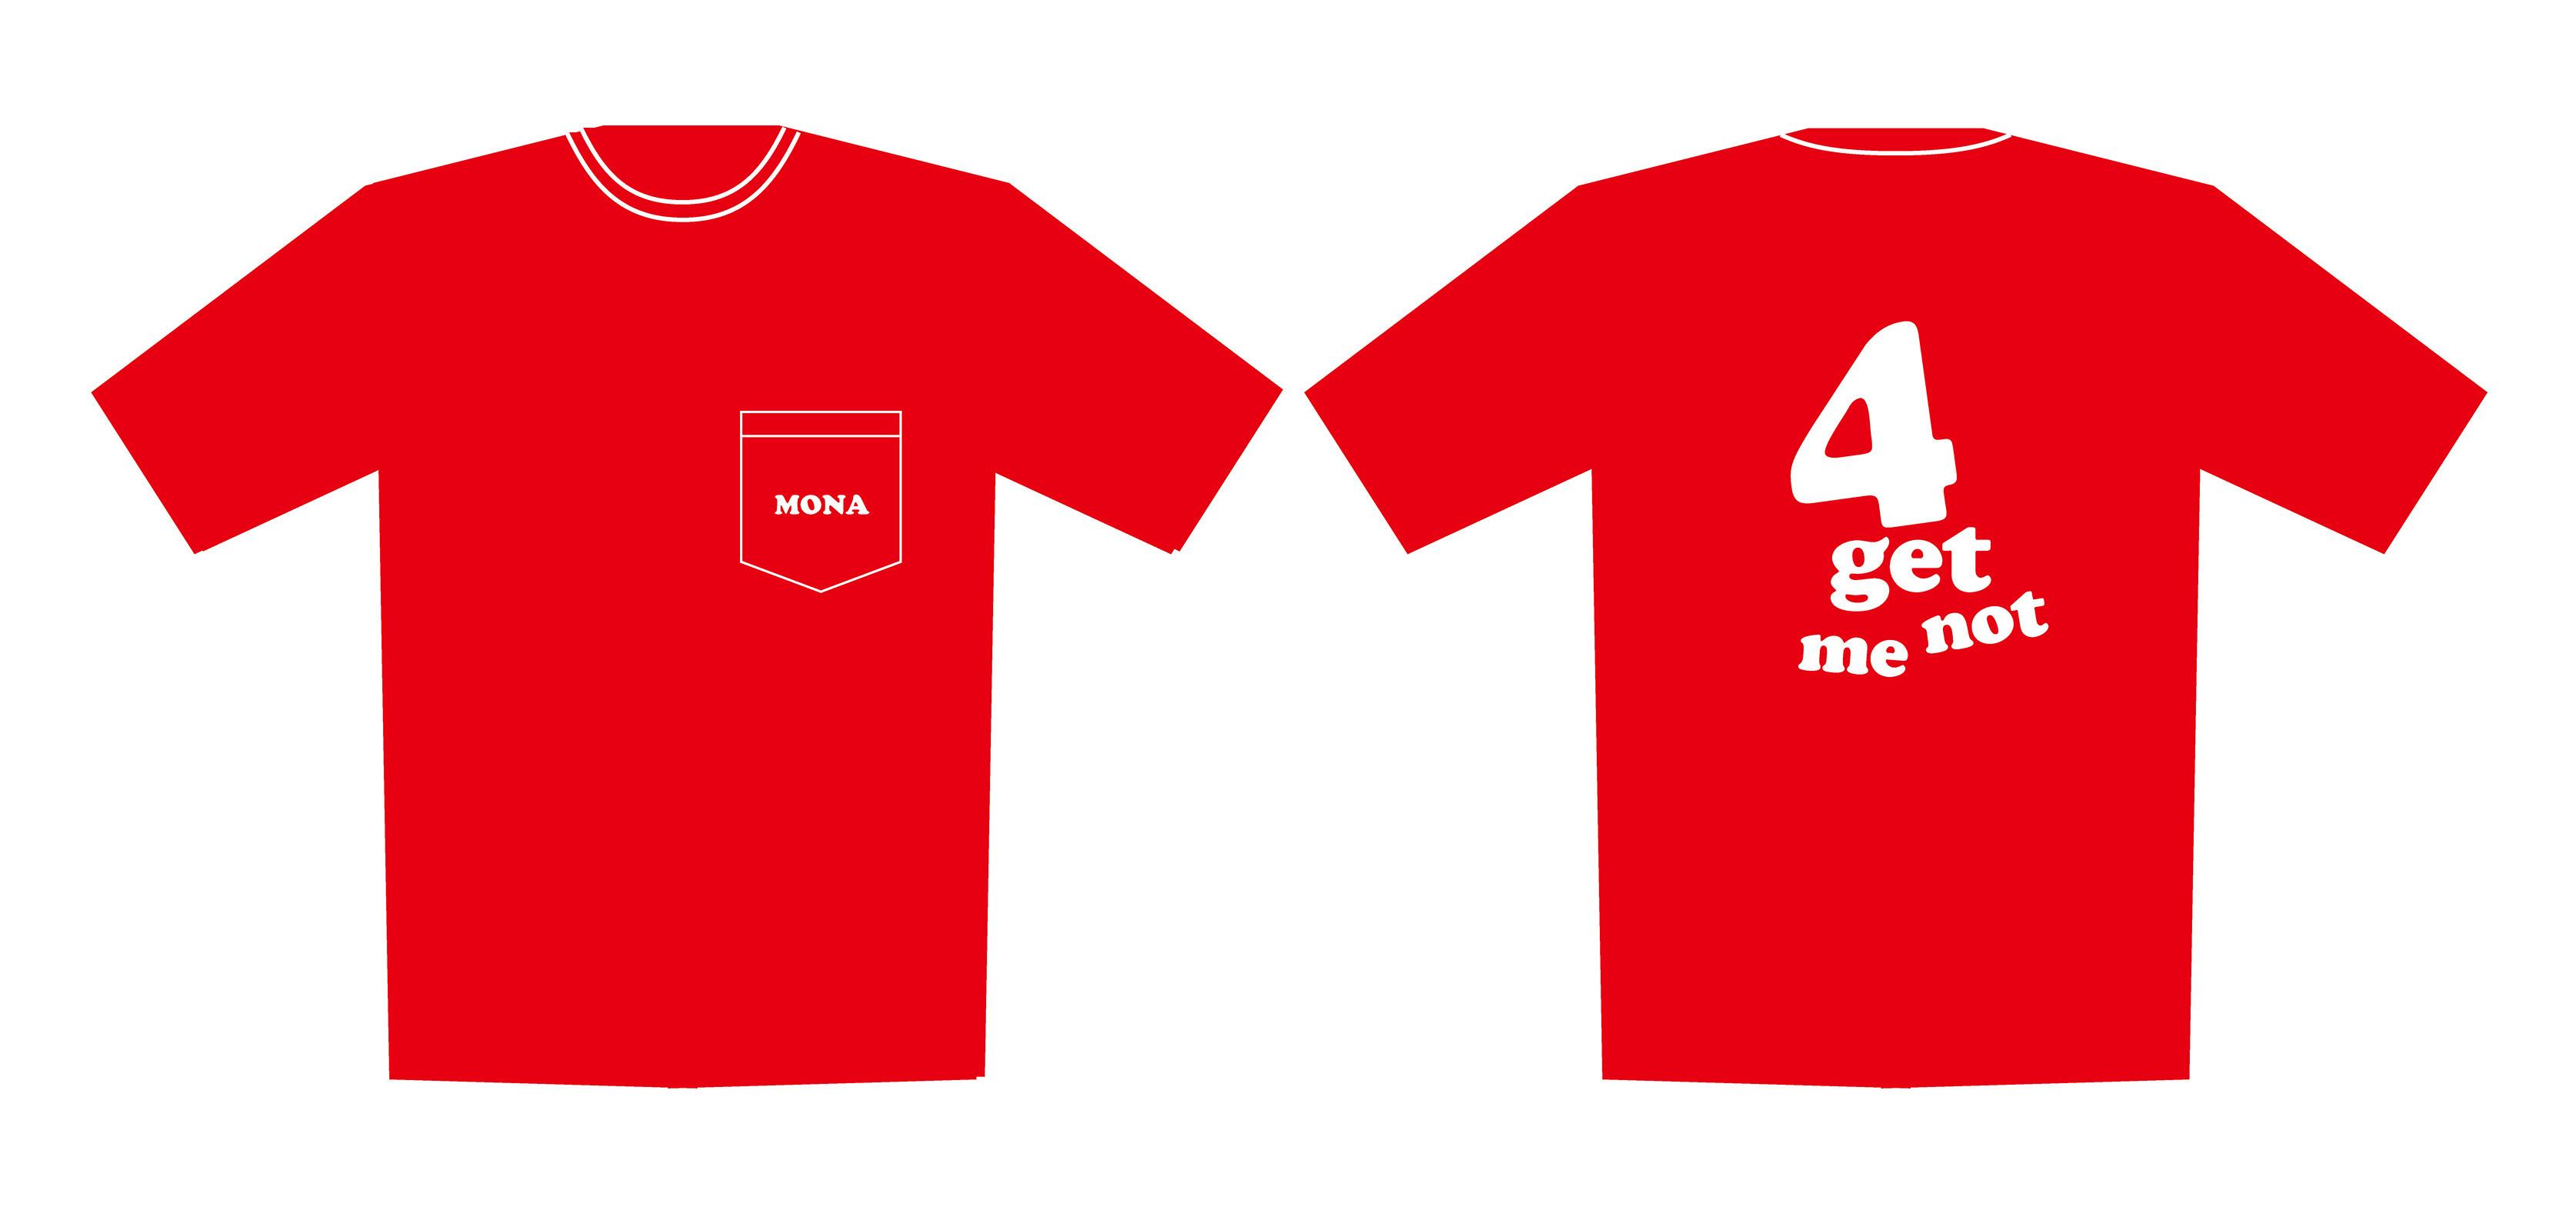 モナパ限定色 4周年ポケットTシャツ 赤・サイズL